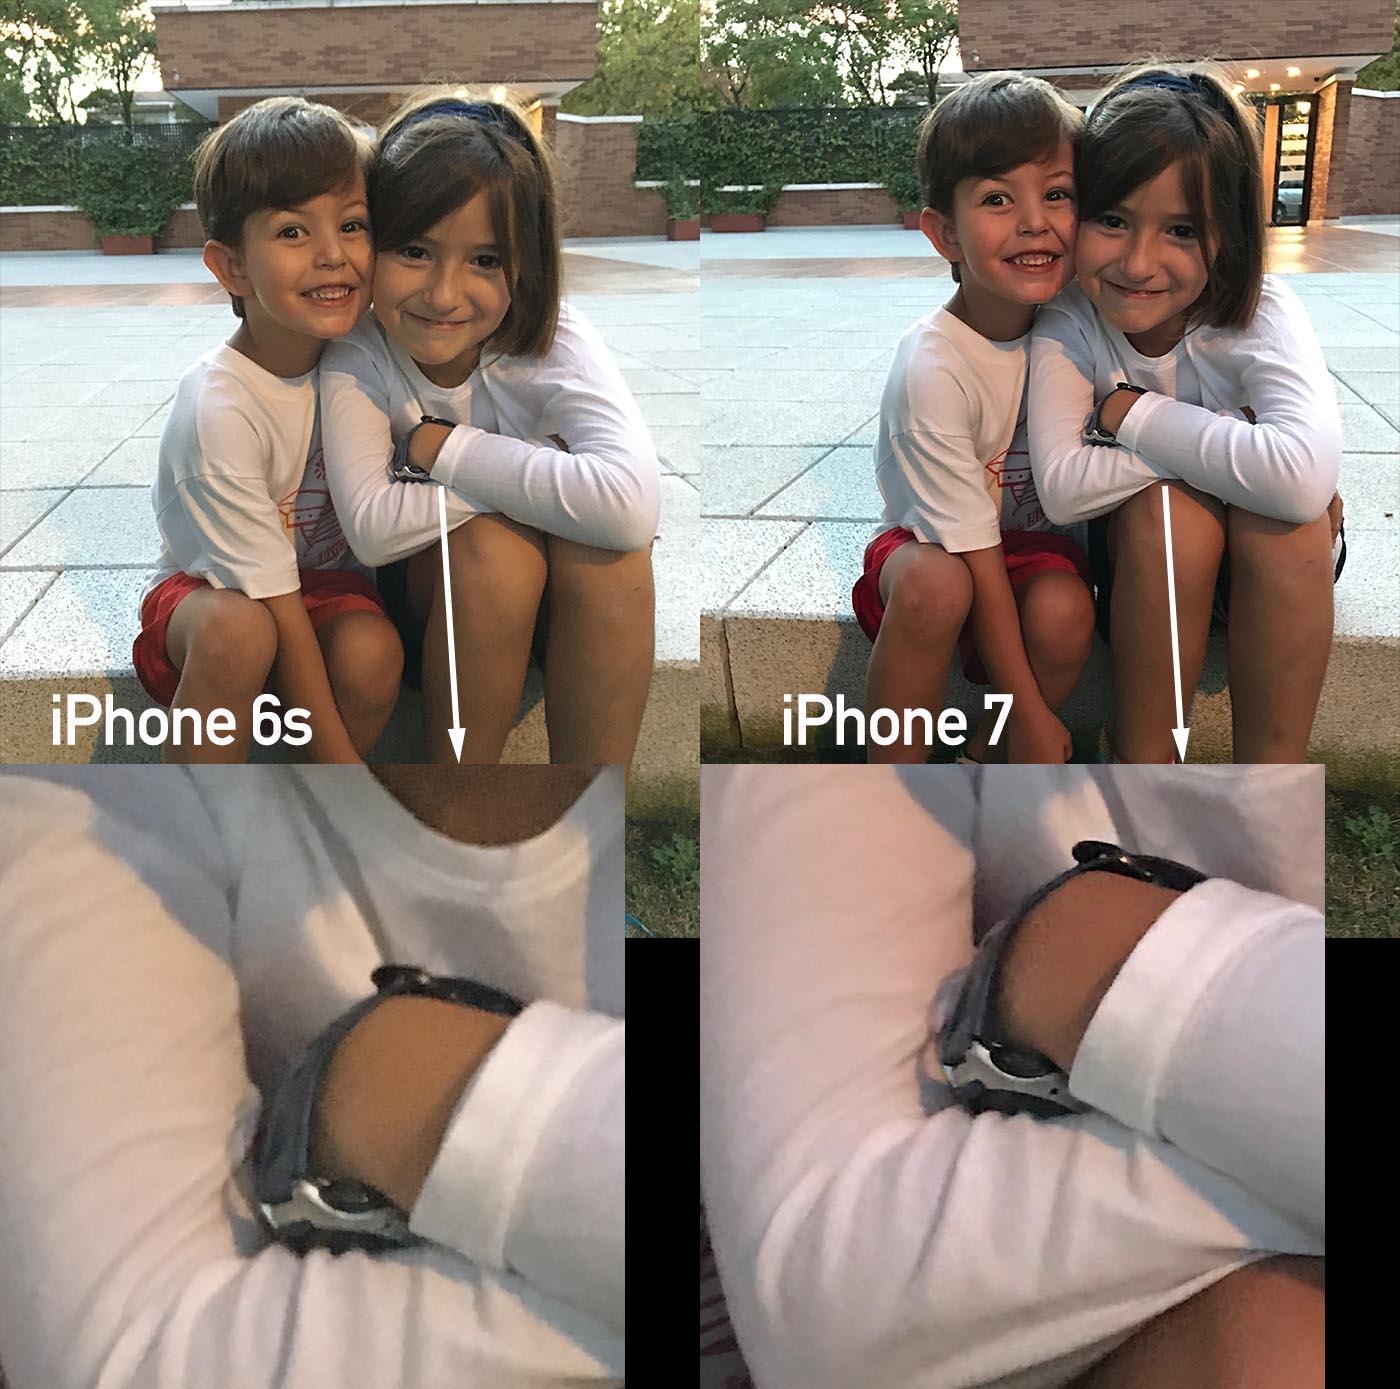 comparativa-fotos-iphone-6s-iphone-7